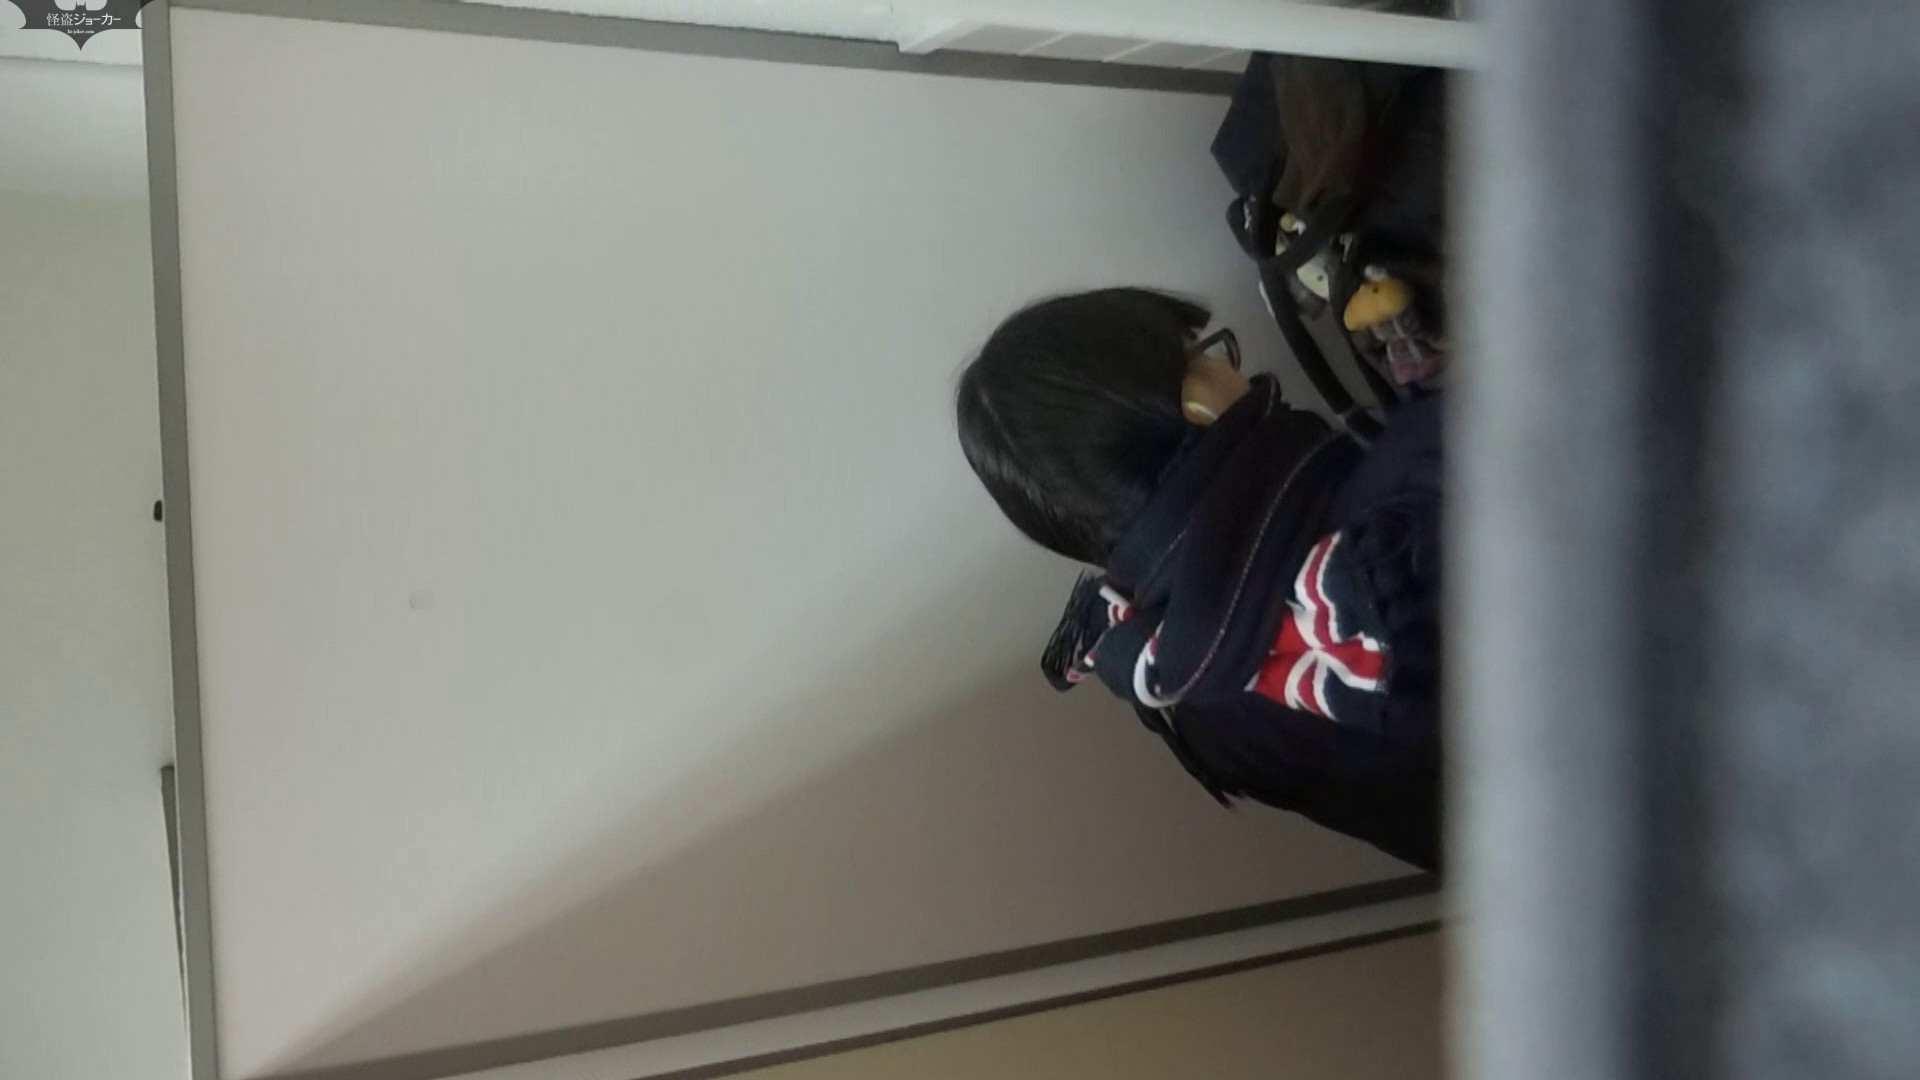 化粧室絵巻 駅舎編 VOL.28 ギャル達 オマンコ無修正動画無料 88枚 20